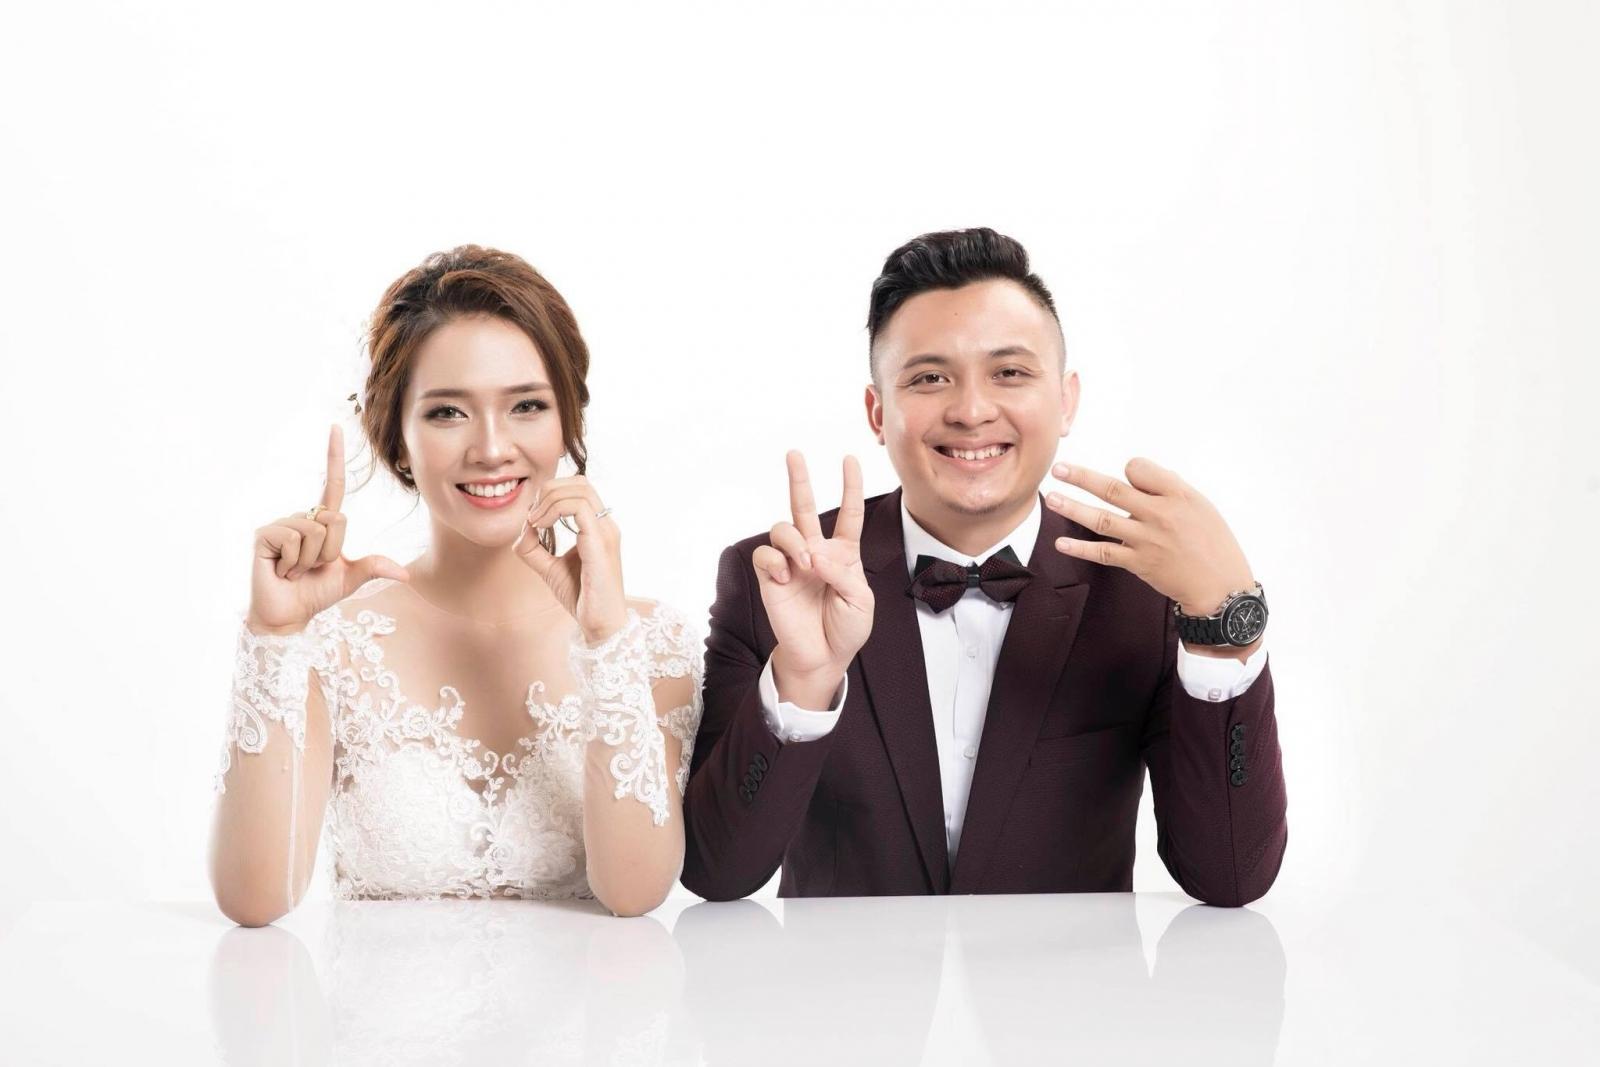 dịch vụ chụp ảnh cưới TP. Hồ Chí Minh